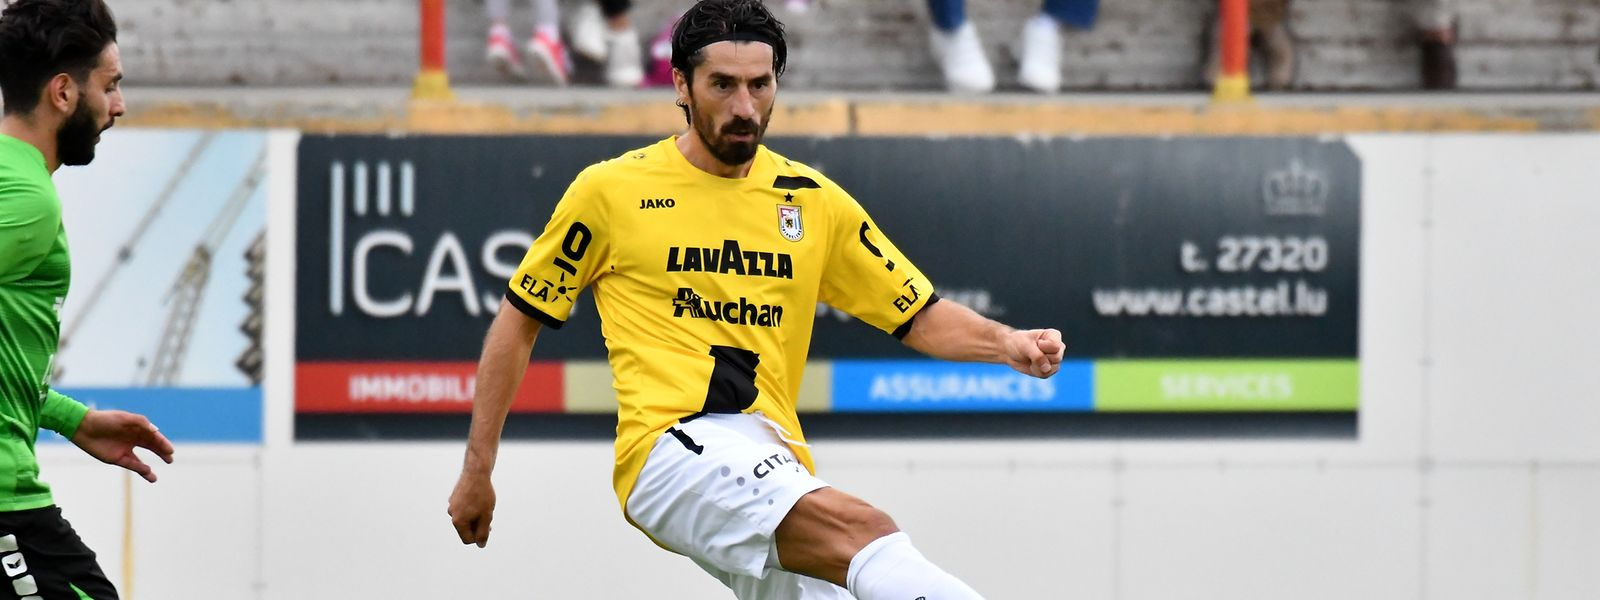 Milan Bisevac und Düdelingen müssen in der zweiten Pokalrunde in Kehlen antreten.